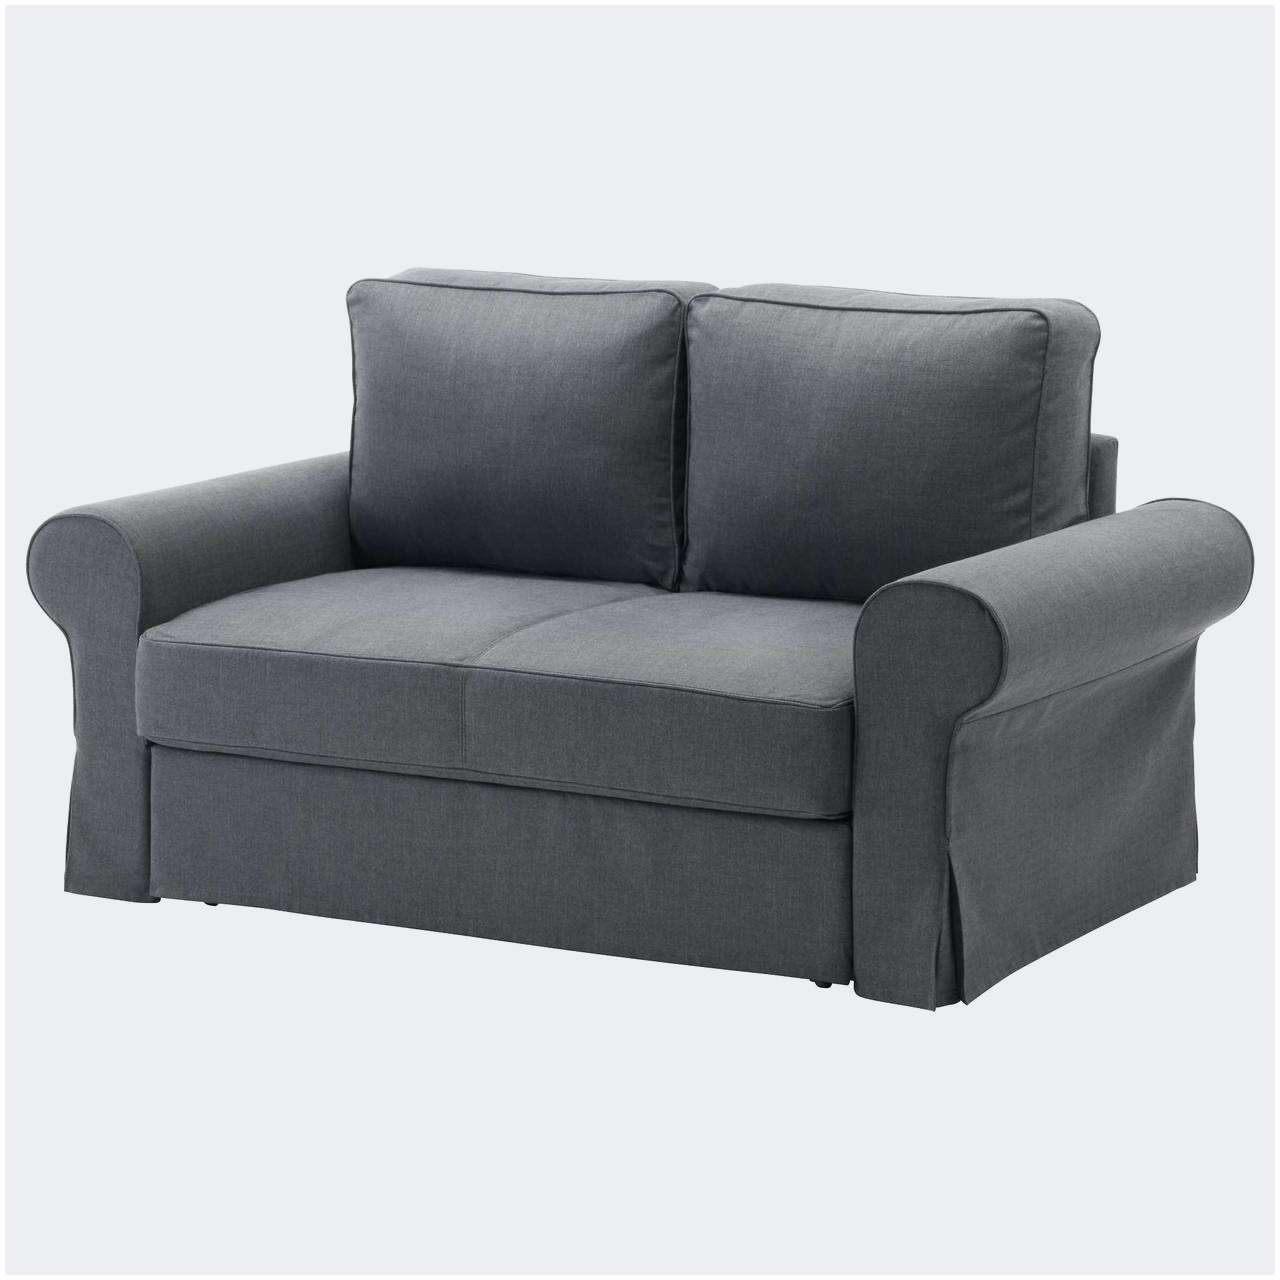 Canapé Lit Pas Cher Ikea Luxe Nouveau 32 De Luxes Canapé Lit Couchage Quoti N Ikea Pour Excellent